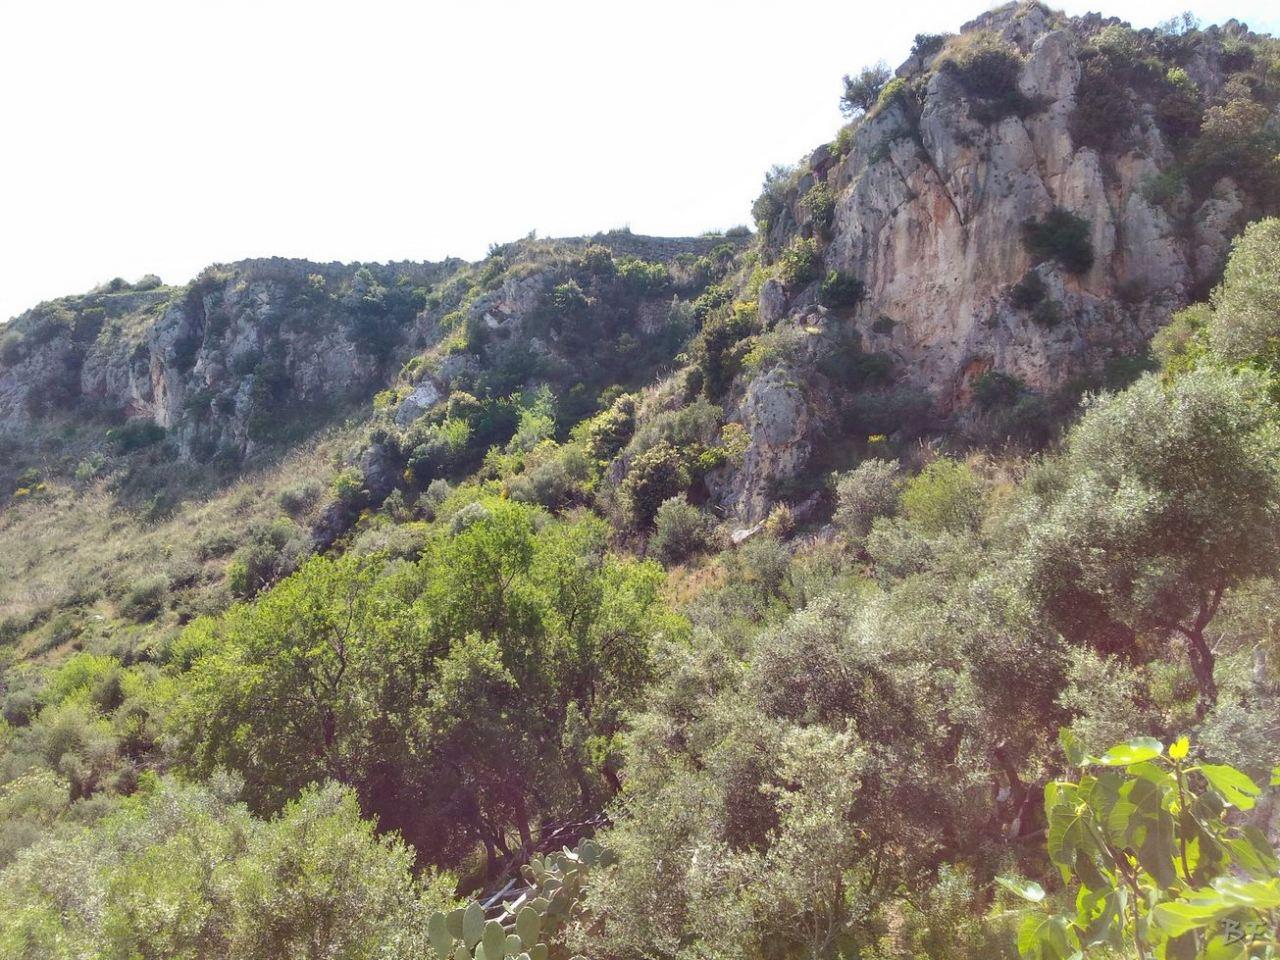 Norba-Mura-Megalitiche-Poligonali-Latina-Lazio-Italia-5